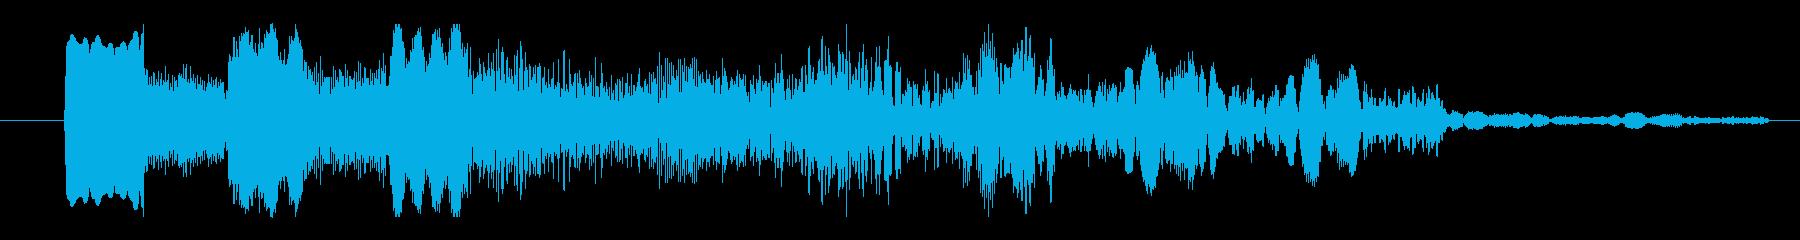 パッド 特撮ダークプラネット02の再生済みの波形